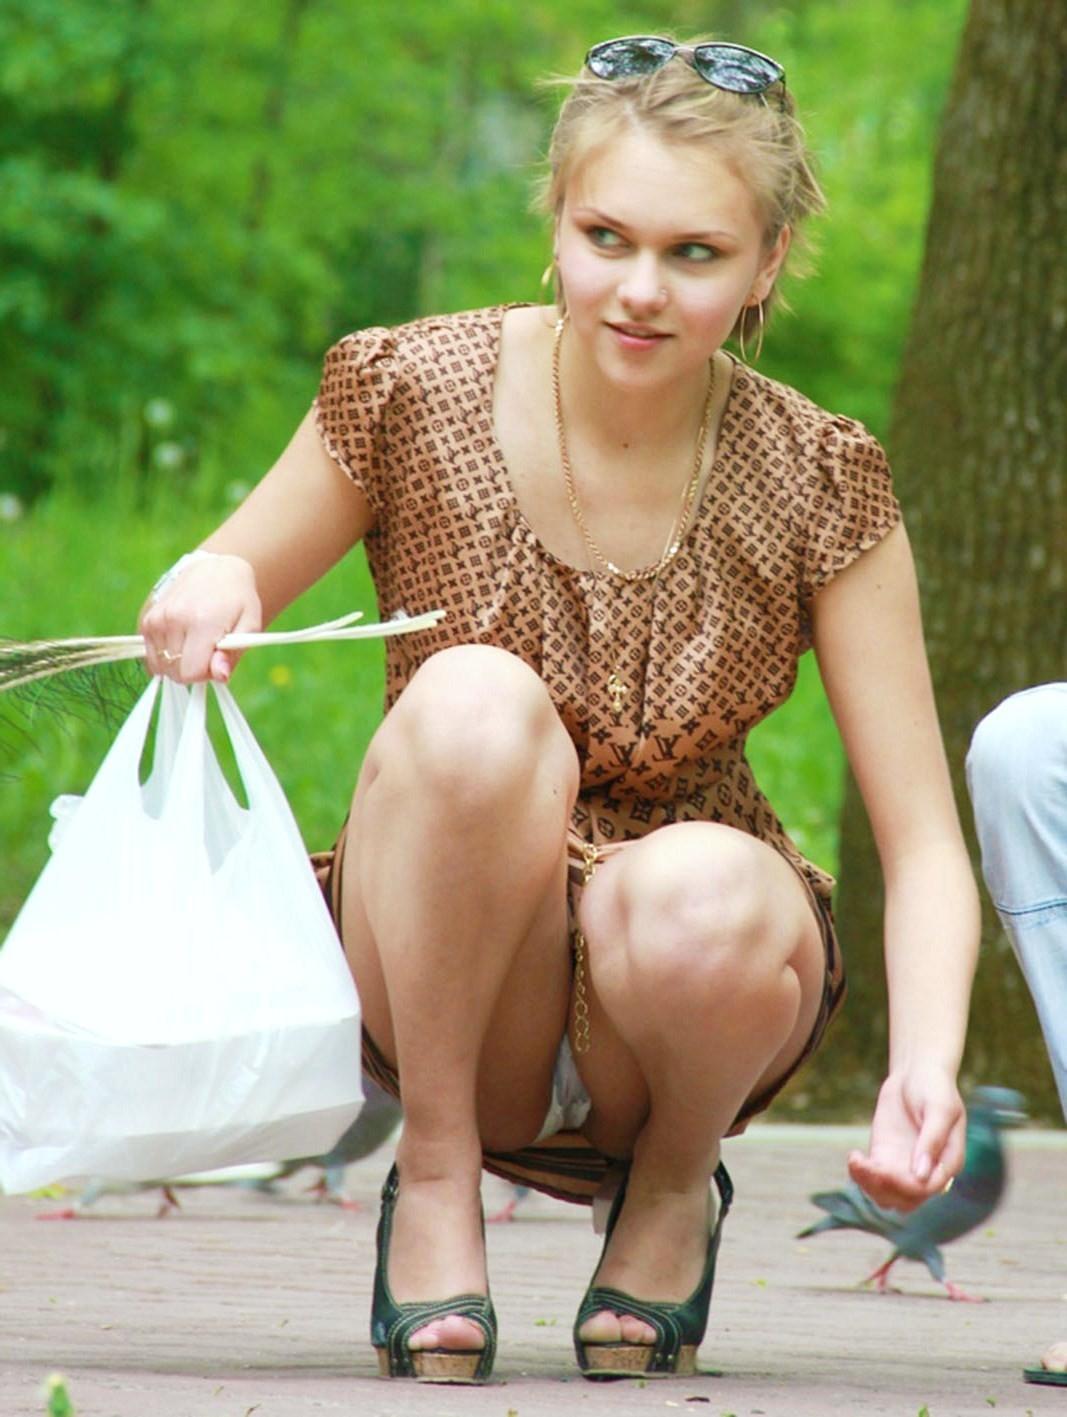 Молодая девушка засветила под платьем трусики с прокладкой